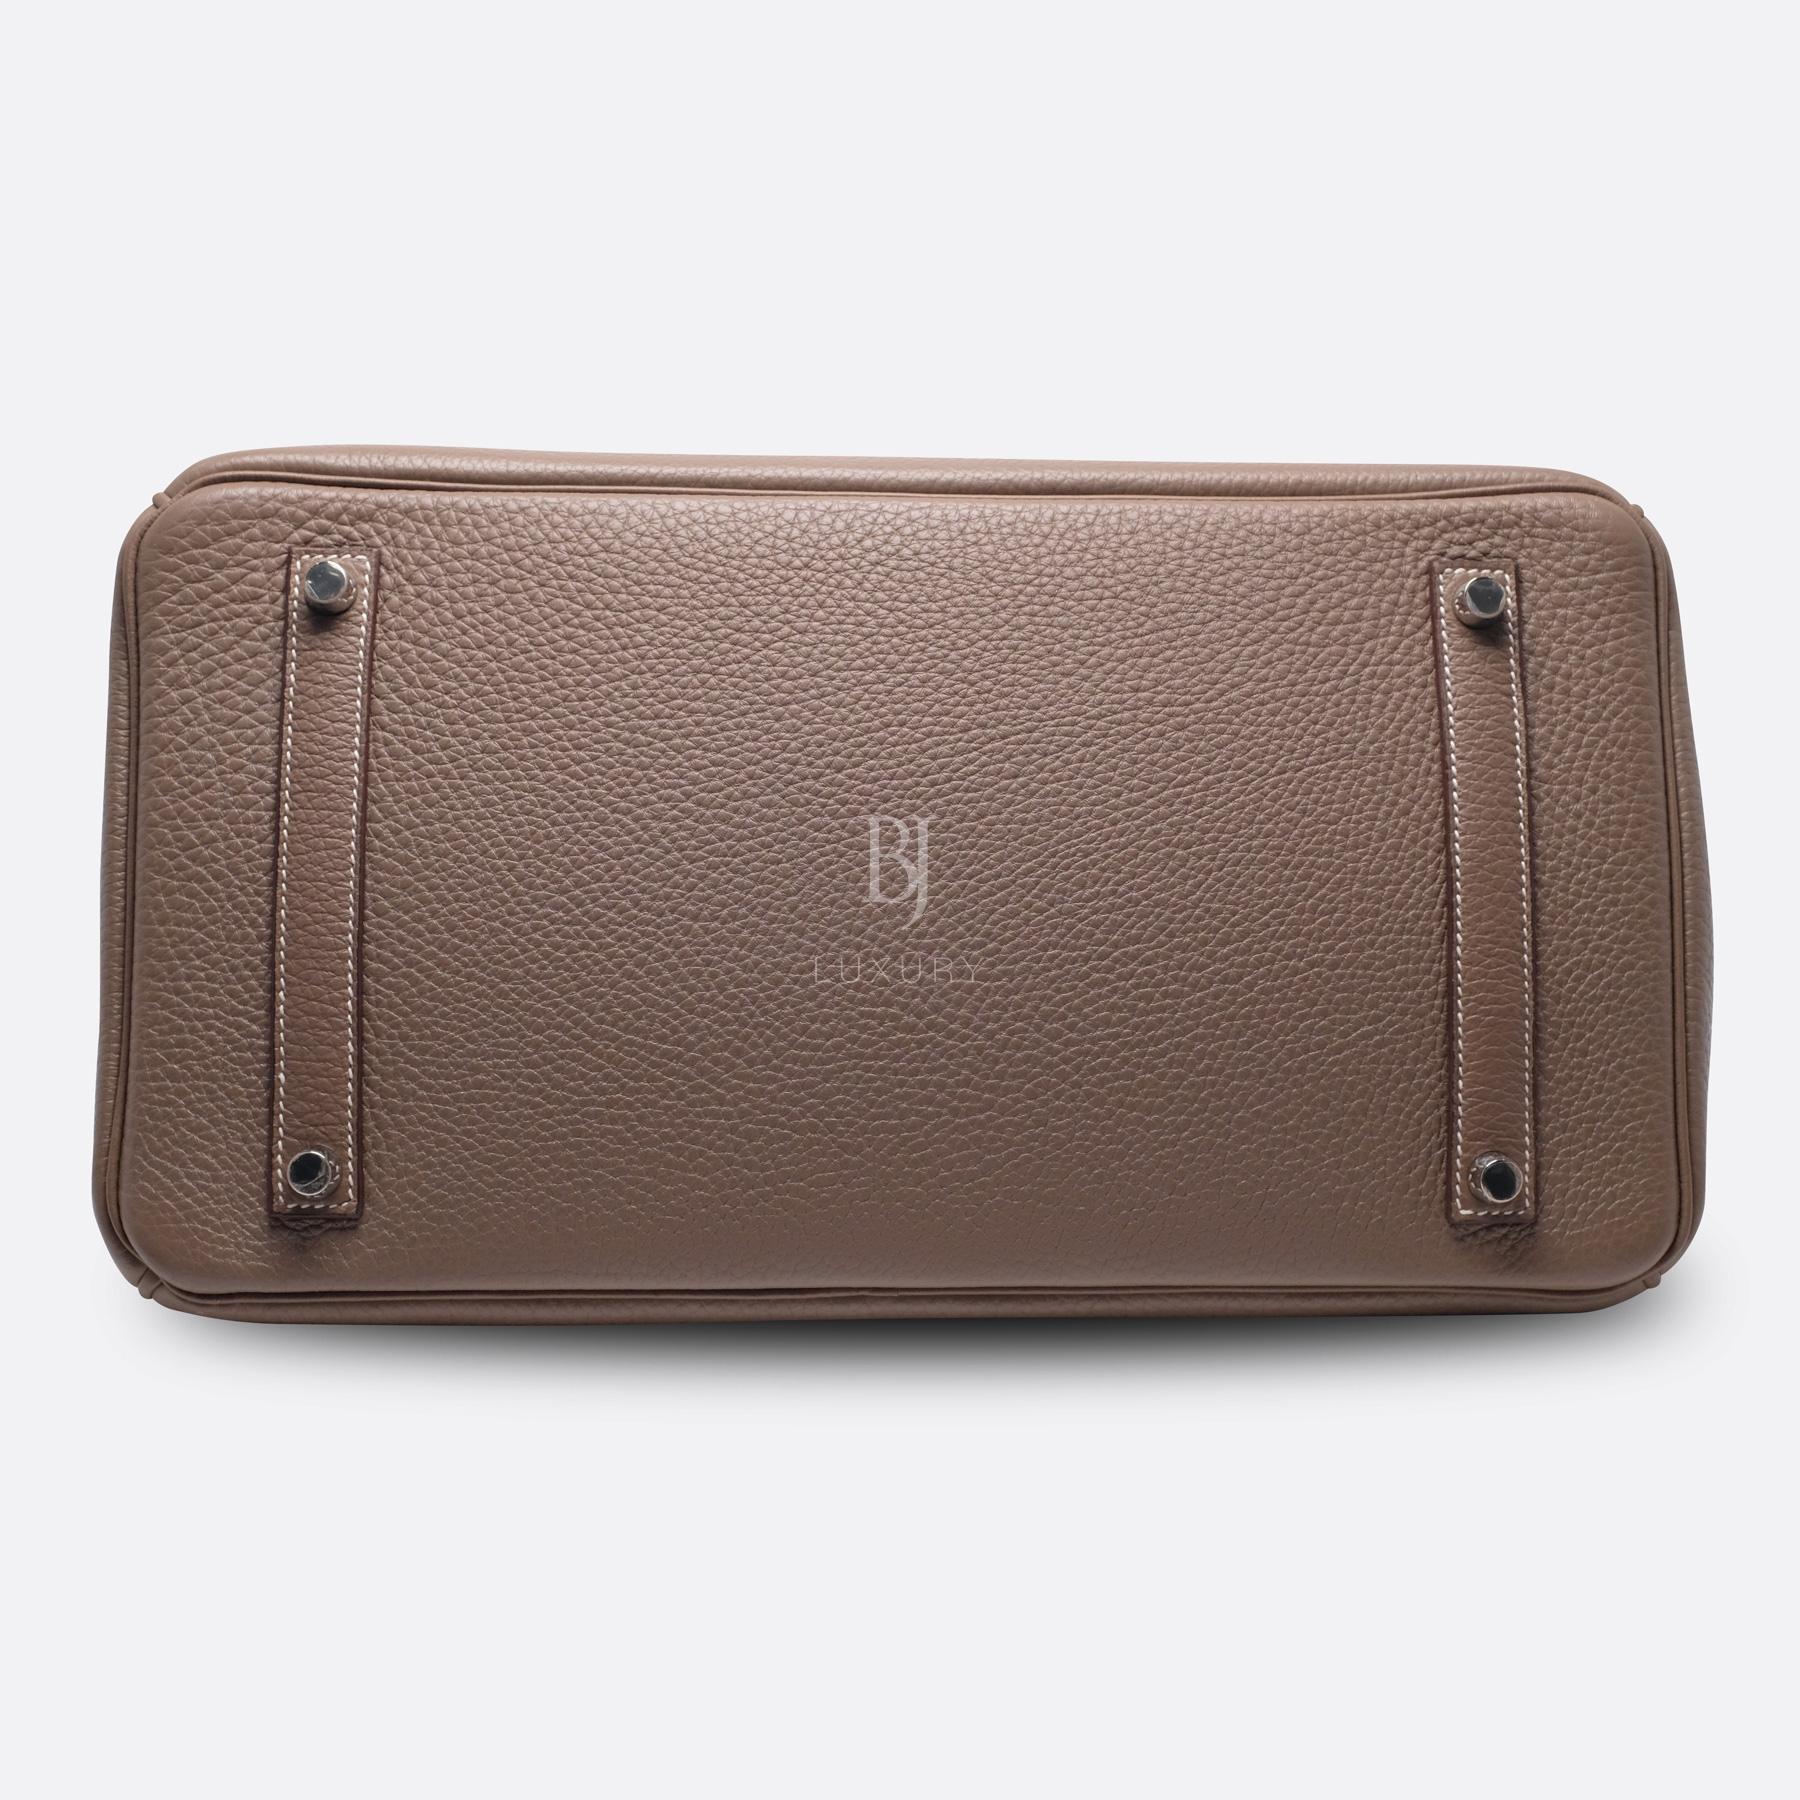 Hemes Birkin 35 Etoupe Palladium Togo BJ Luxury 6.jpg